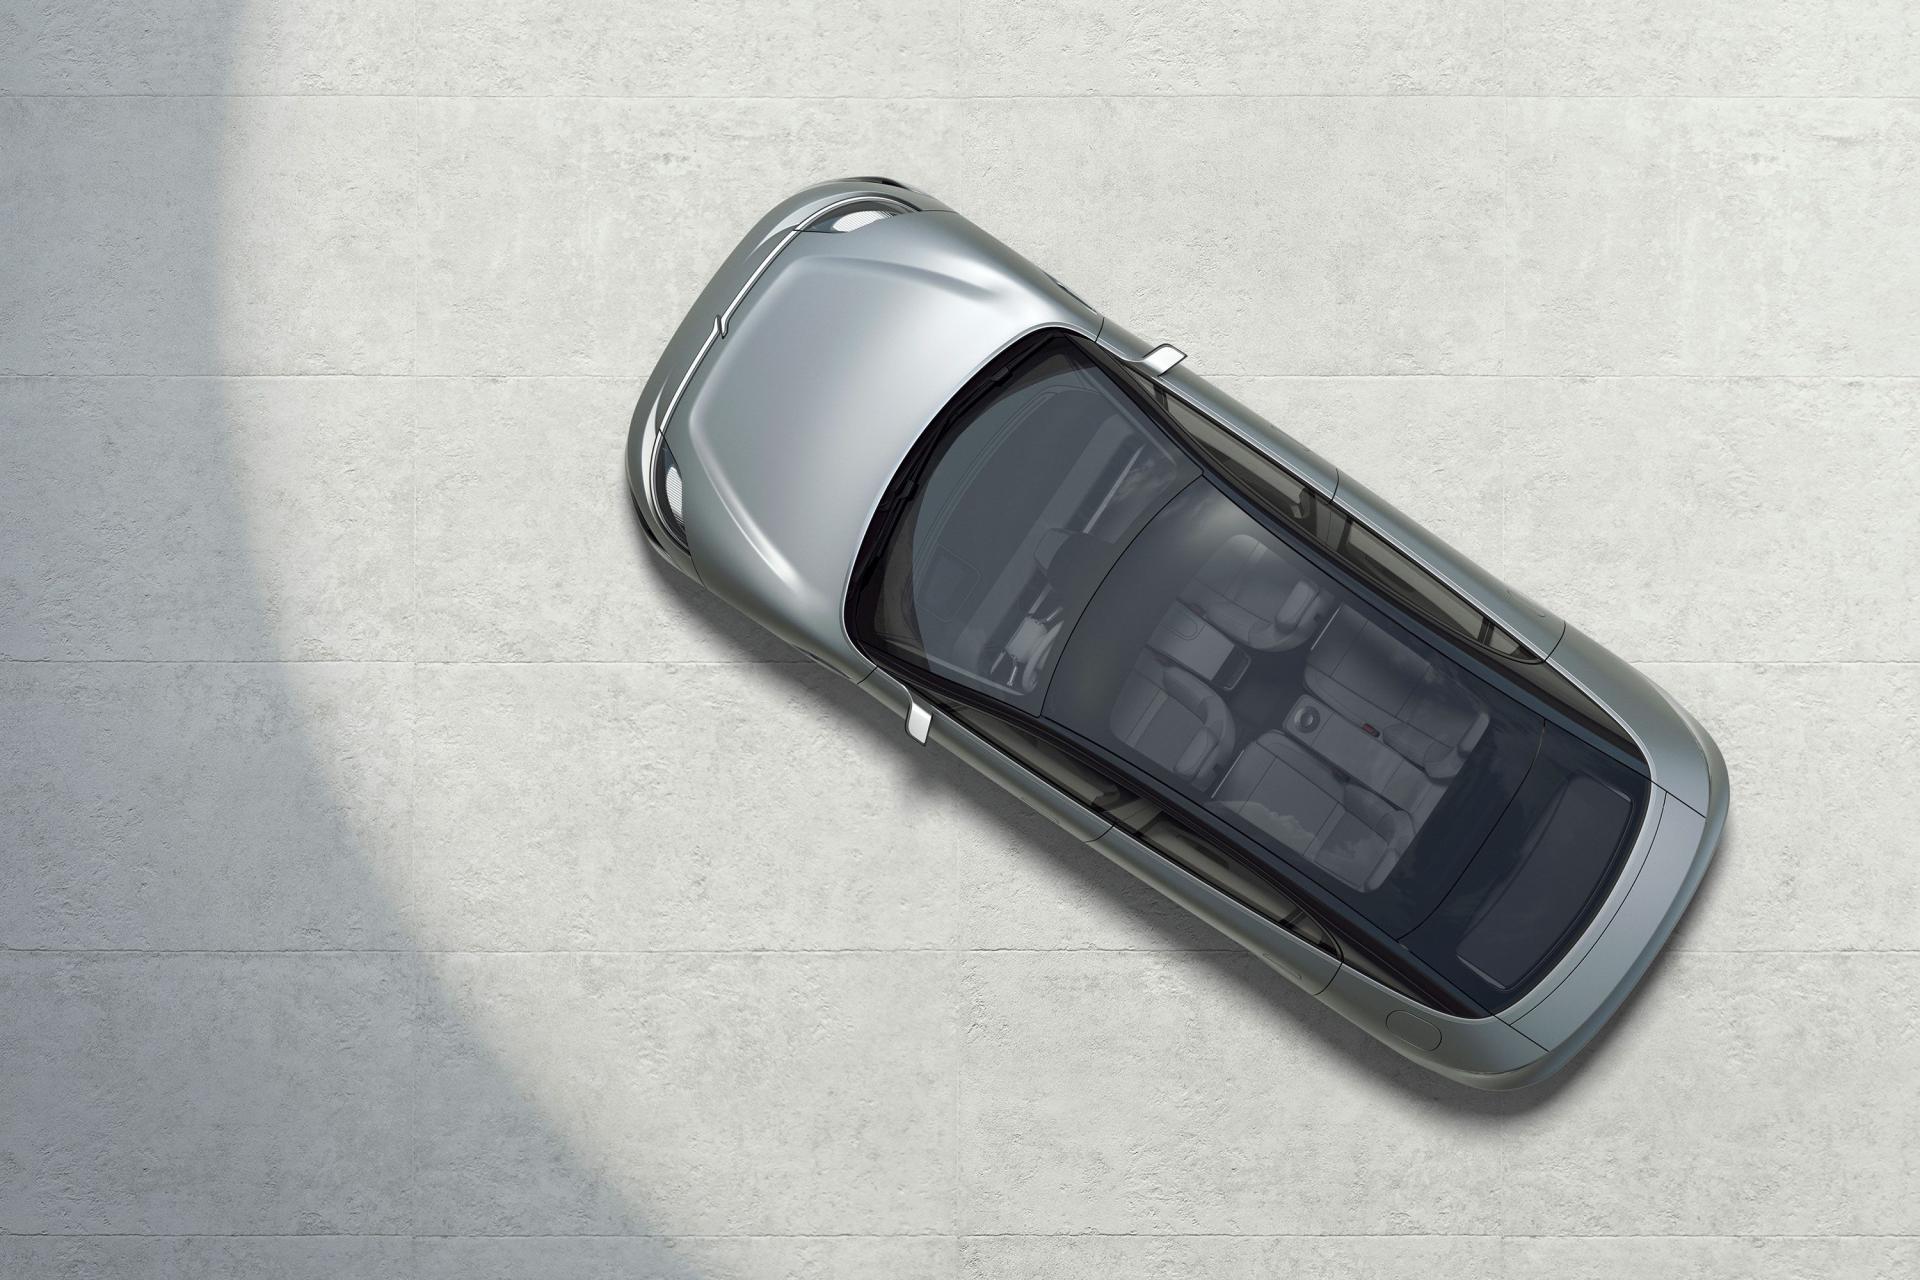 Sony bất ngờ ra mắt mẫu xe điện Vision-S tại CES 2020 - 7